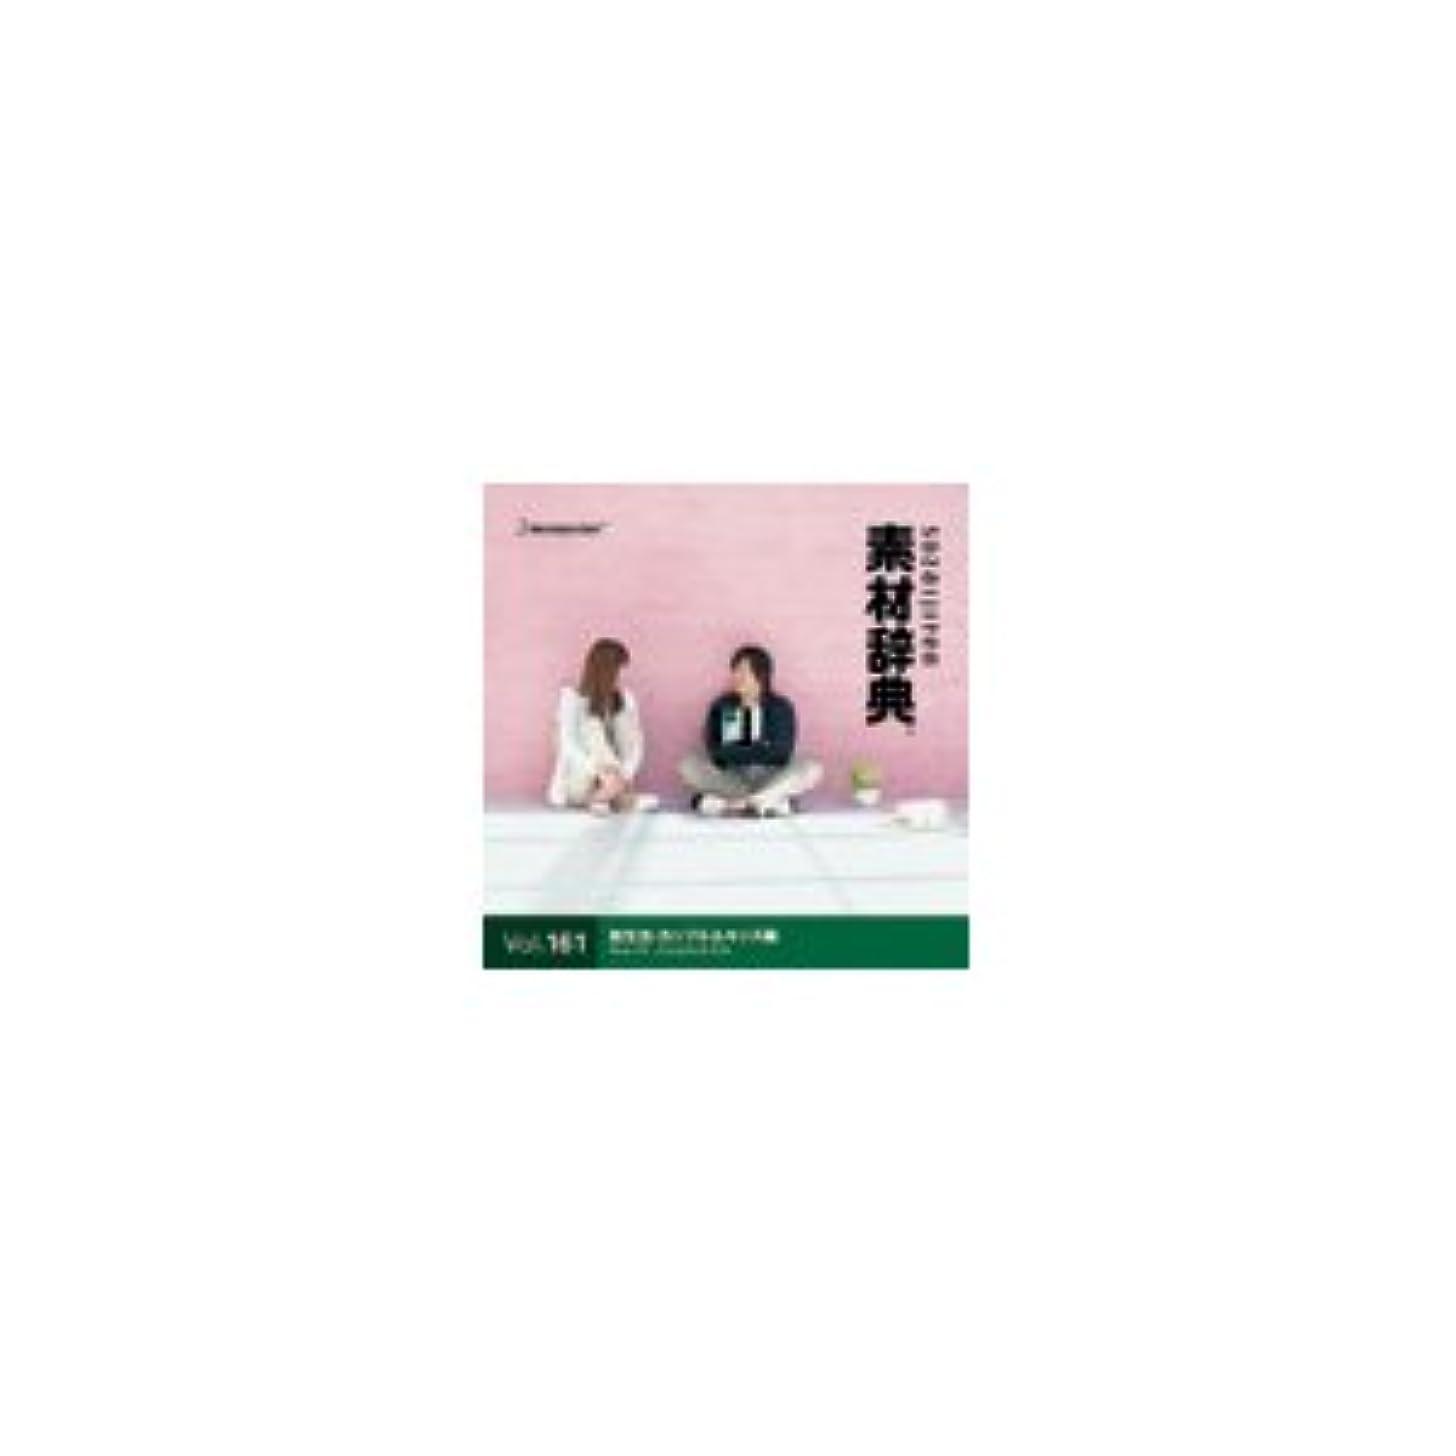 バンド川アルコーブ写真素材 素材辞典Vol.161 新生活-カップル&キッズ編 ds-68109